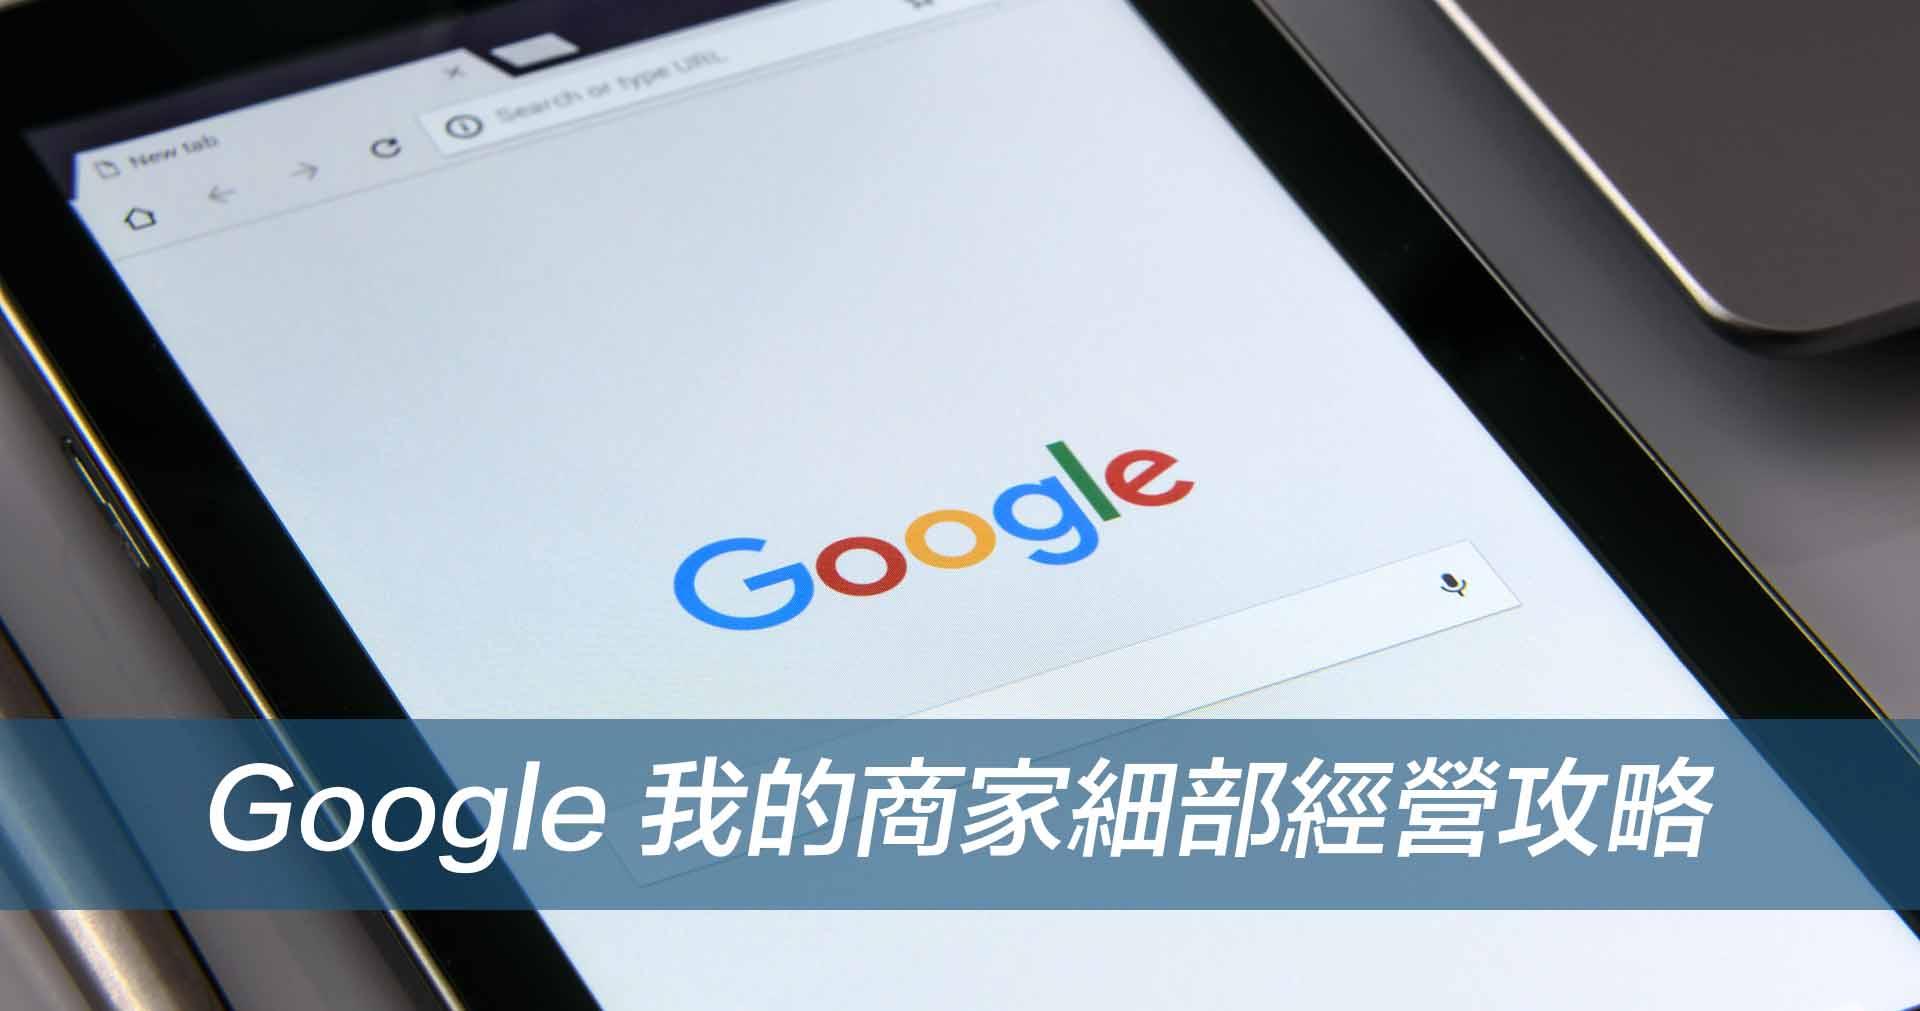 Strategi Pengelolaan Google Bisnisku Yang Mendetail Di Tahun 2021